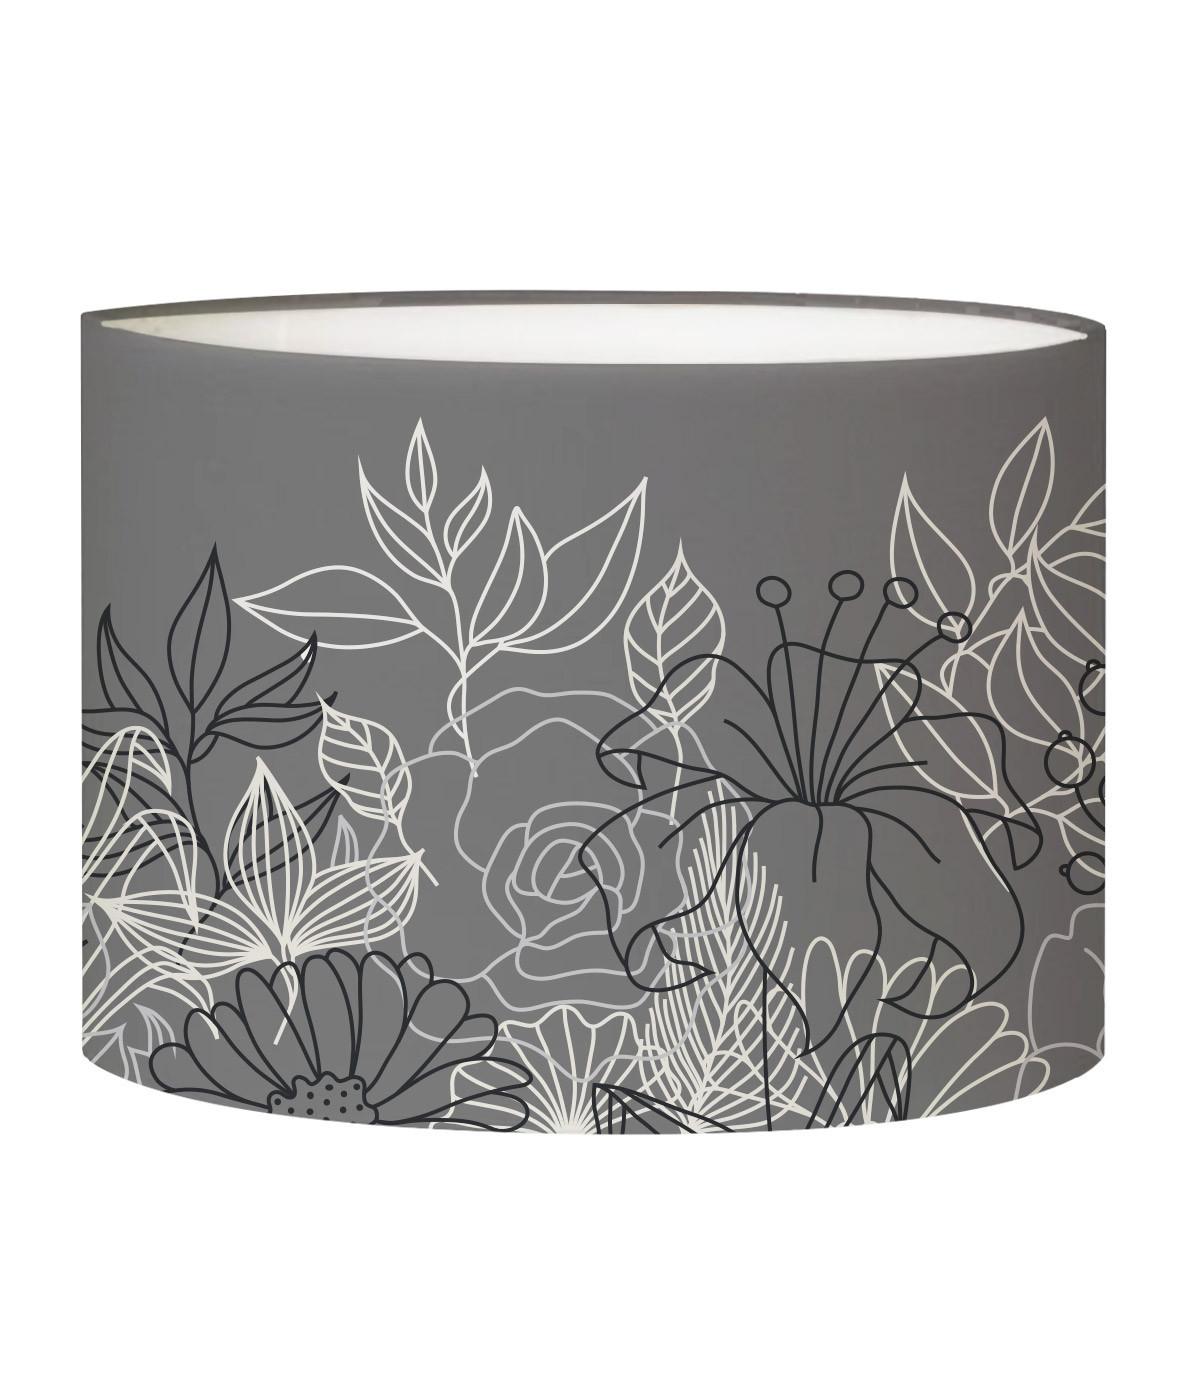 Abat-jour lampadaire gris D 45 cm